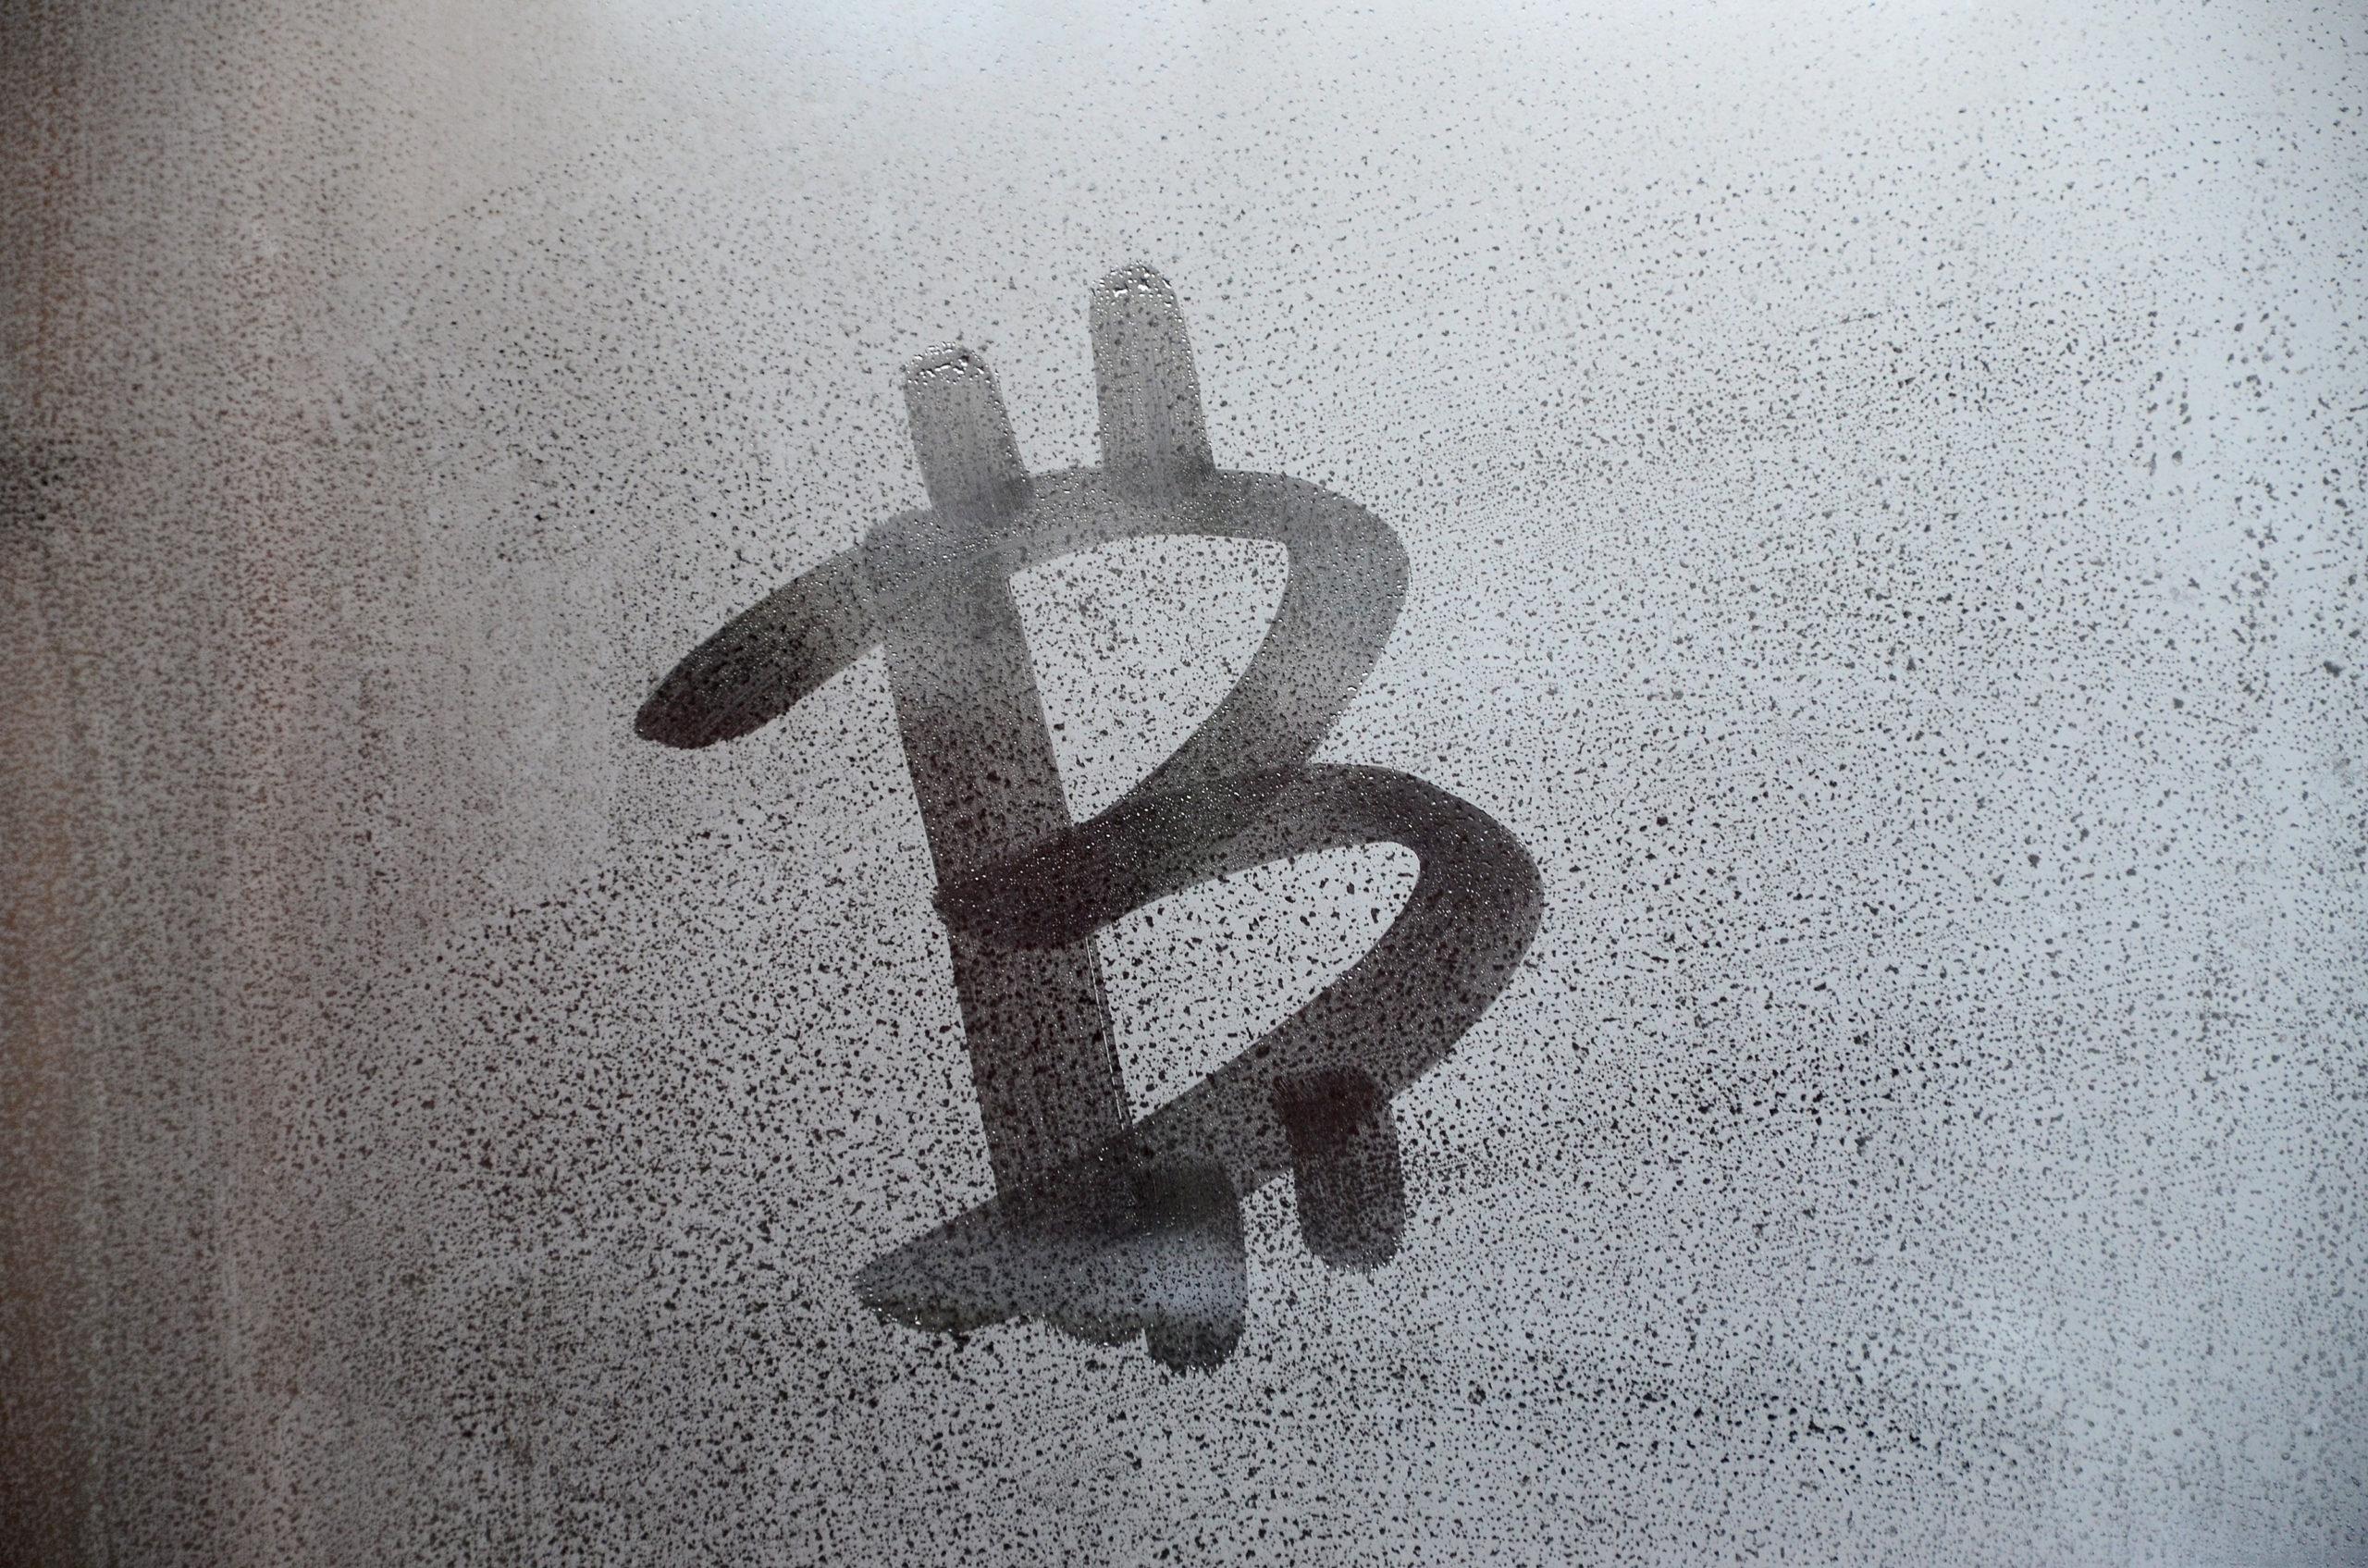 analist altcoin psycho yukselise temkinli yaklasiyor iste bitcoinde btc izledigi seviyeler